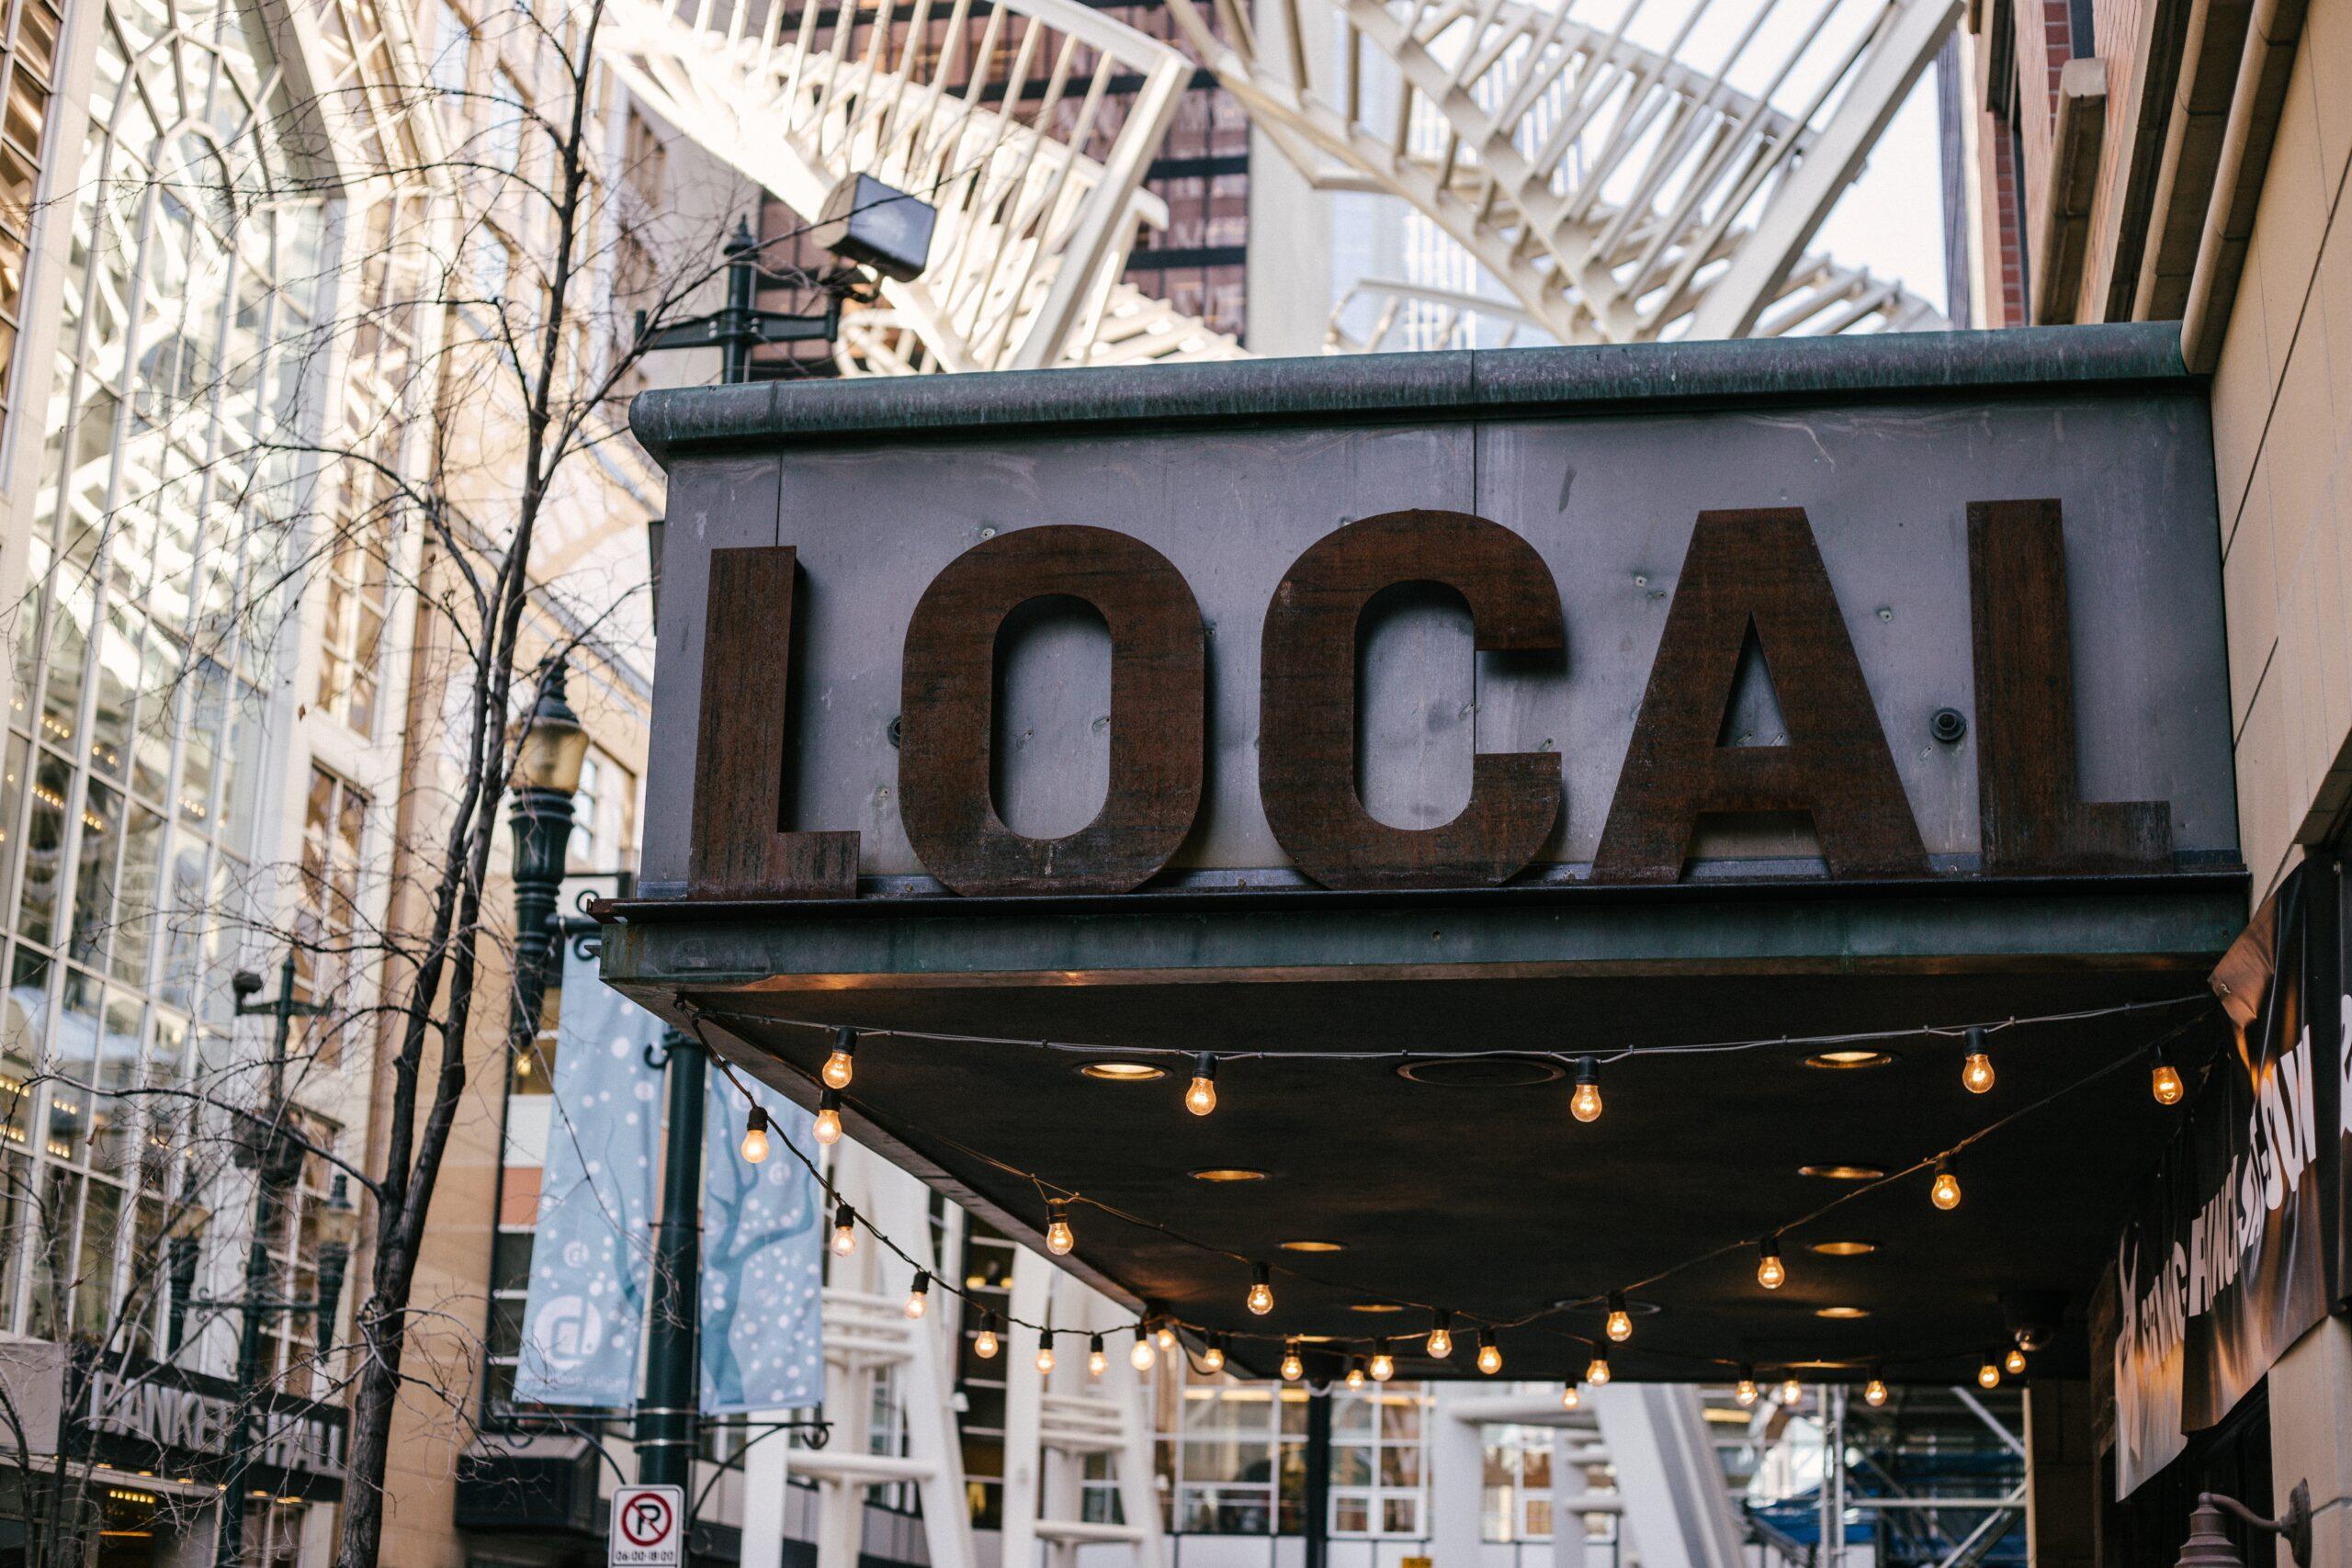 Μάθετε γιατί το τοπικό Search Engine Optimisation είναι σημαντικό για την επιχείρηση σας